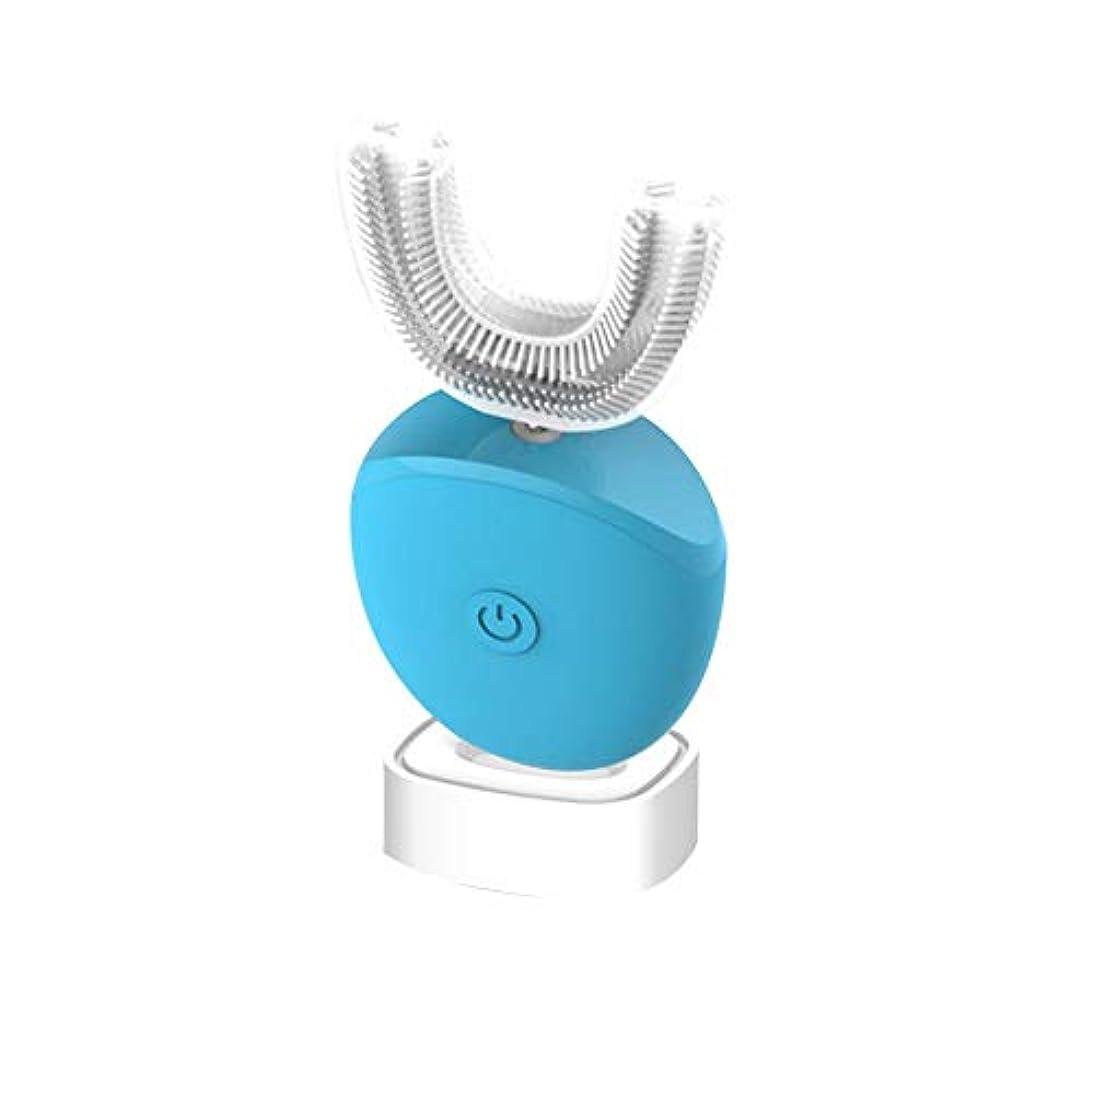 適度に聖人スカイフルオートマチック可変周波数電動歯ブラシ、自動360度U字型電動歯ブラシ、ワイヤレス充電IPX7防水自動歯ブラシ(大人用),Blue